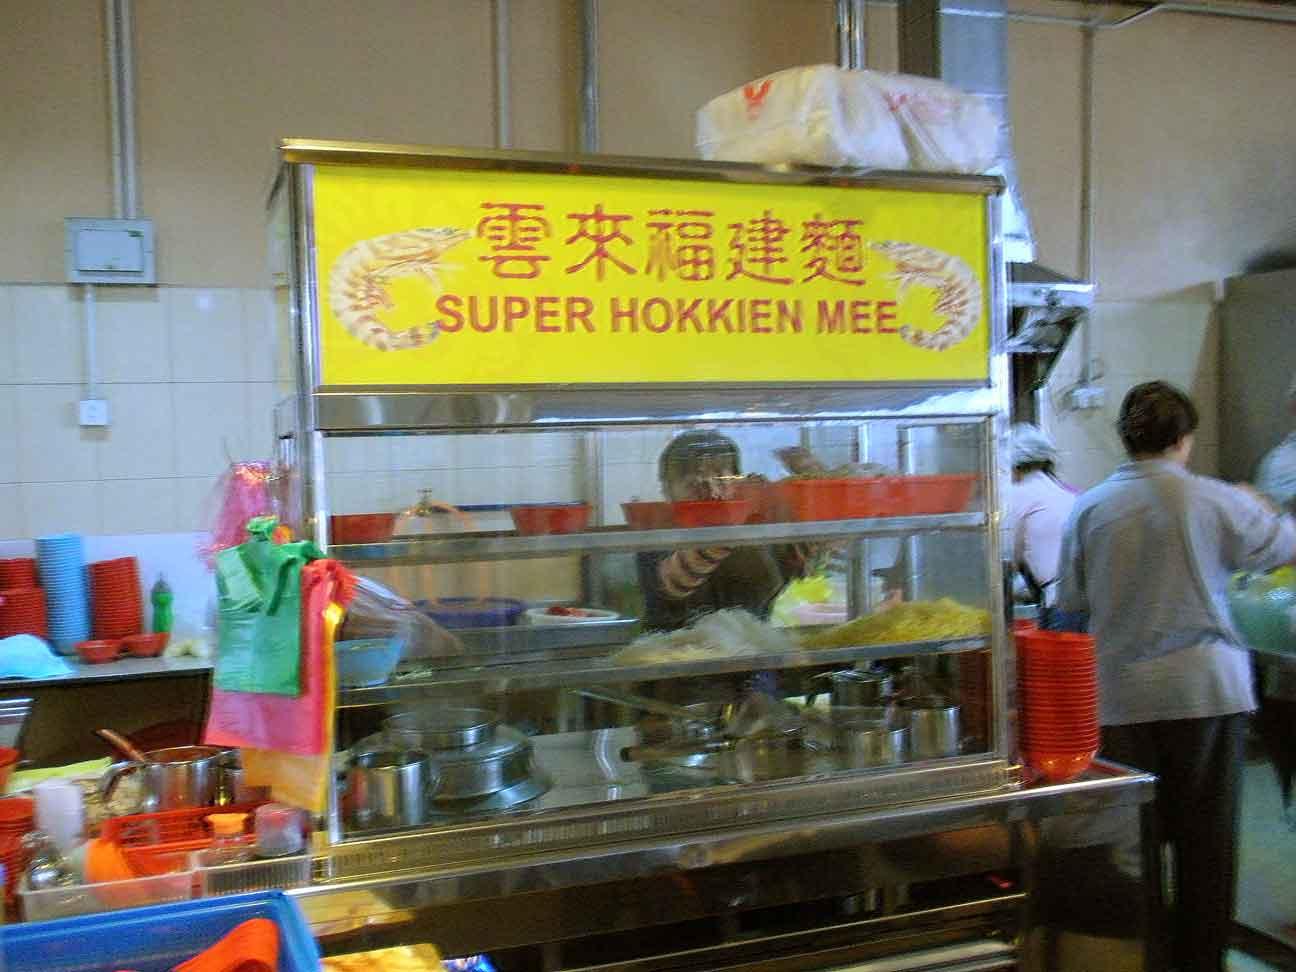 Super Hokkien Mee